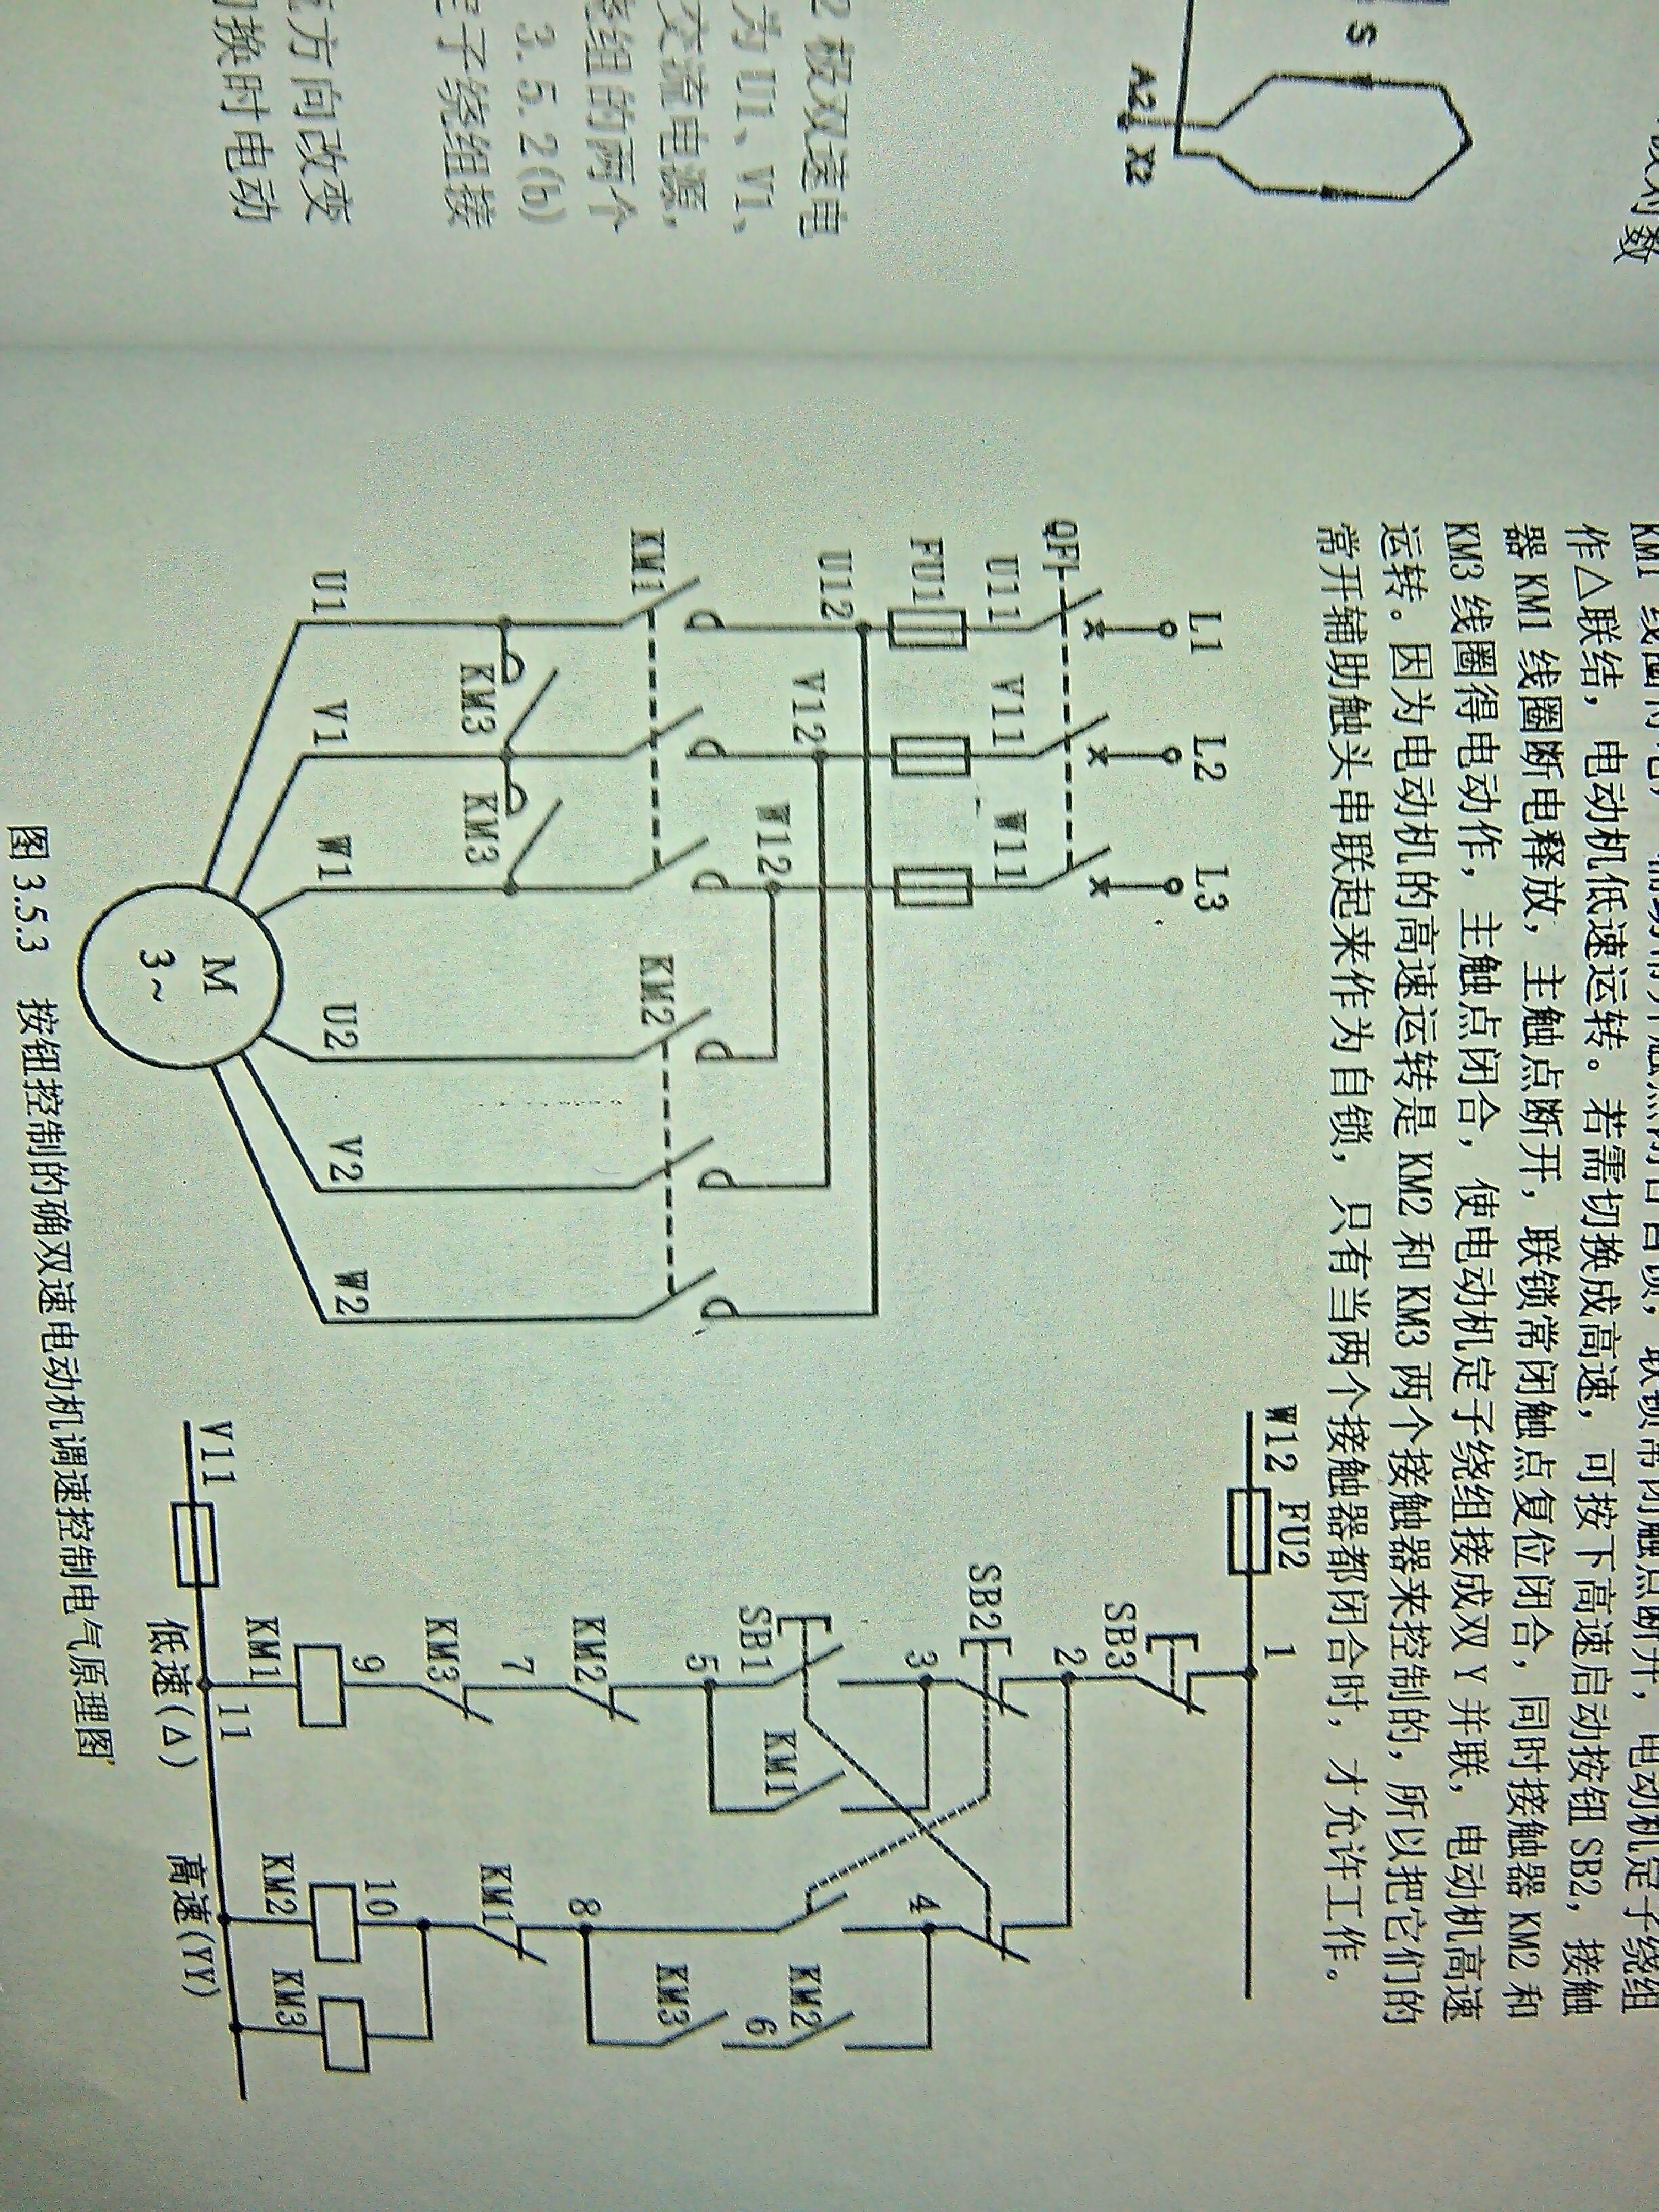 双速消防风机实物接线图 一个双电源一个3p63a空开 3个交流接触器220v